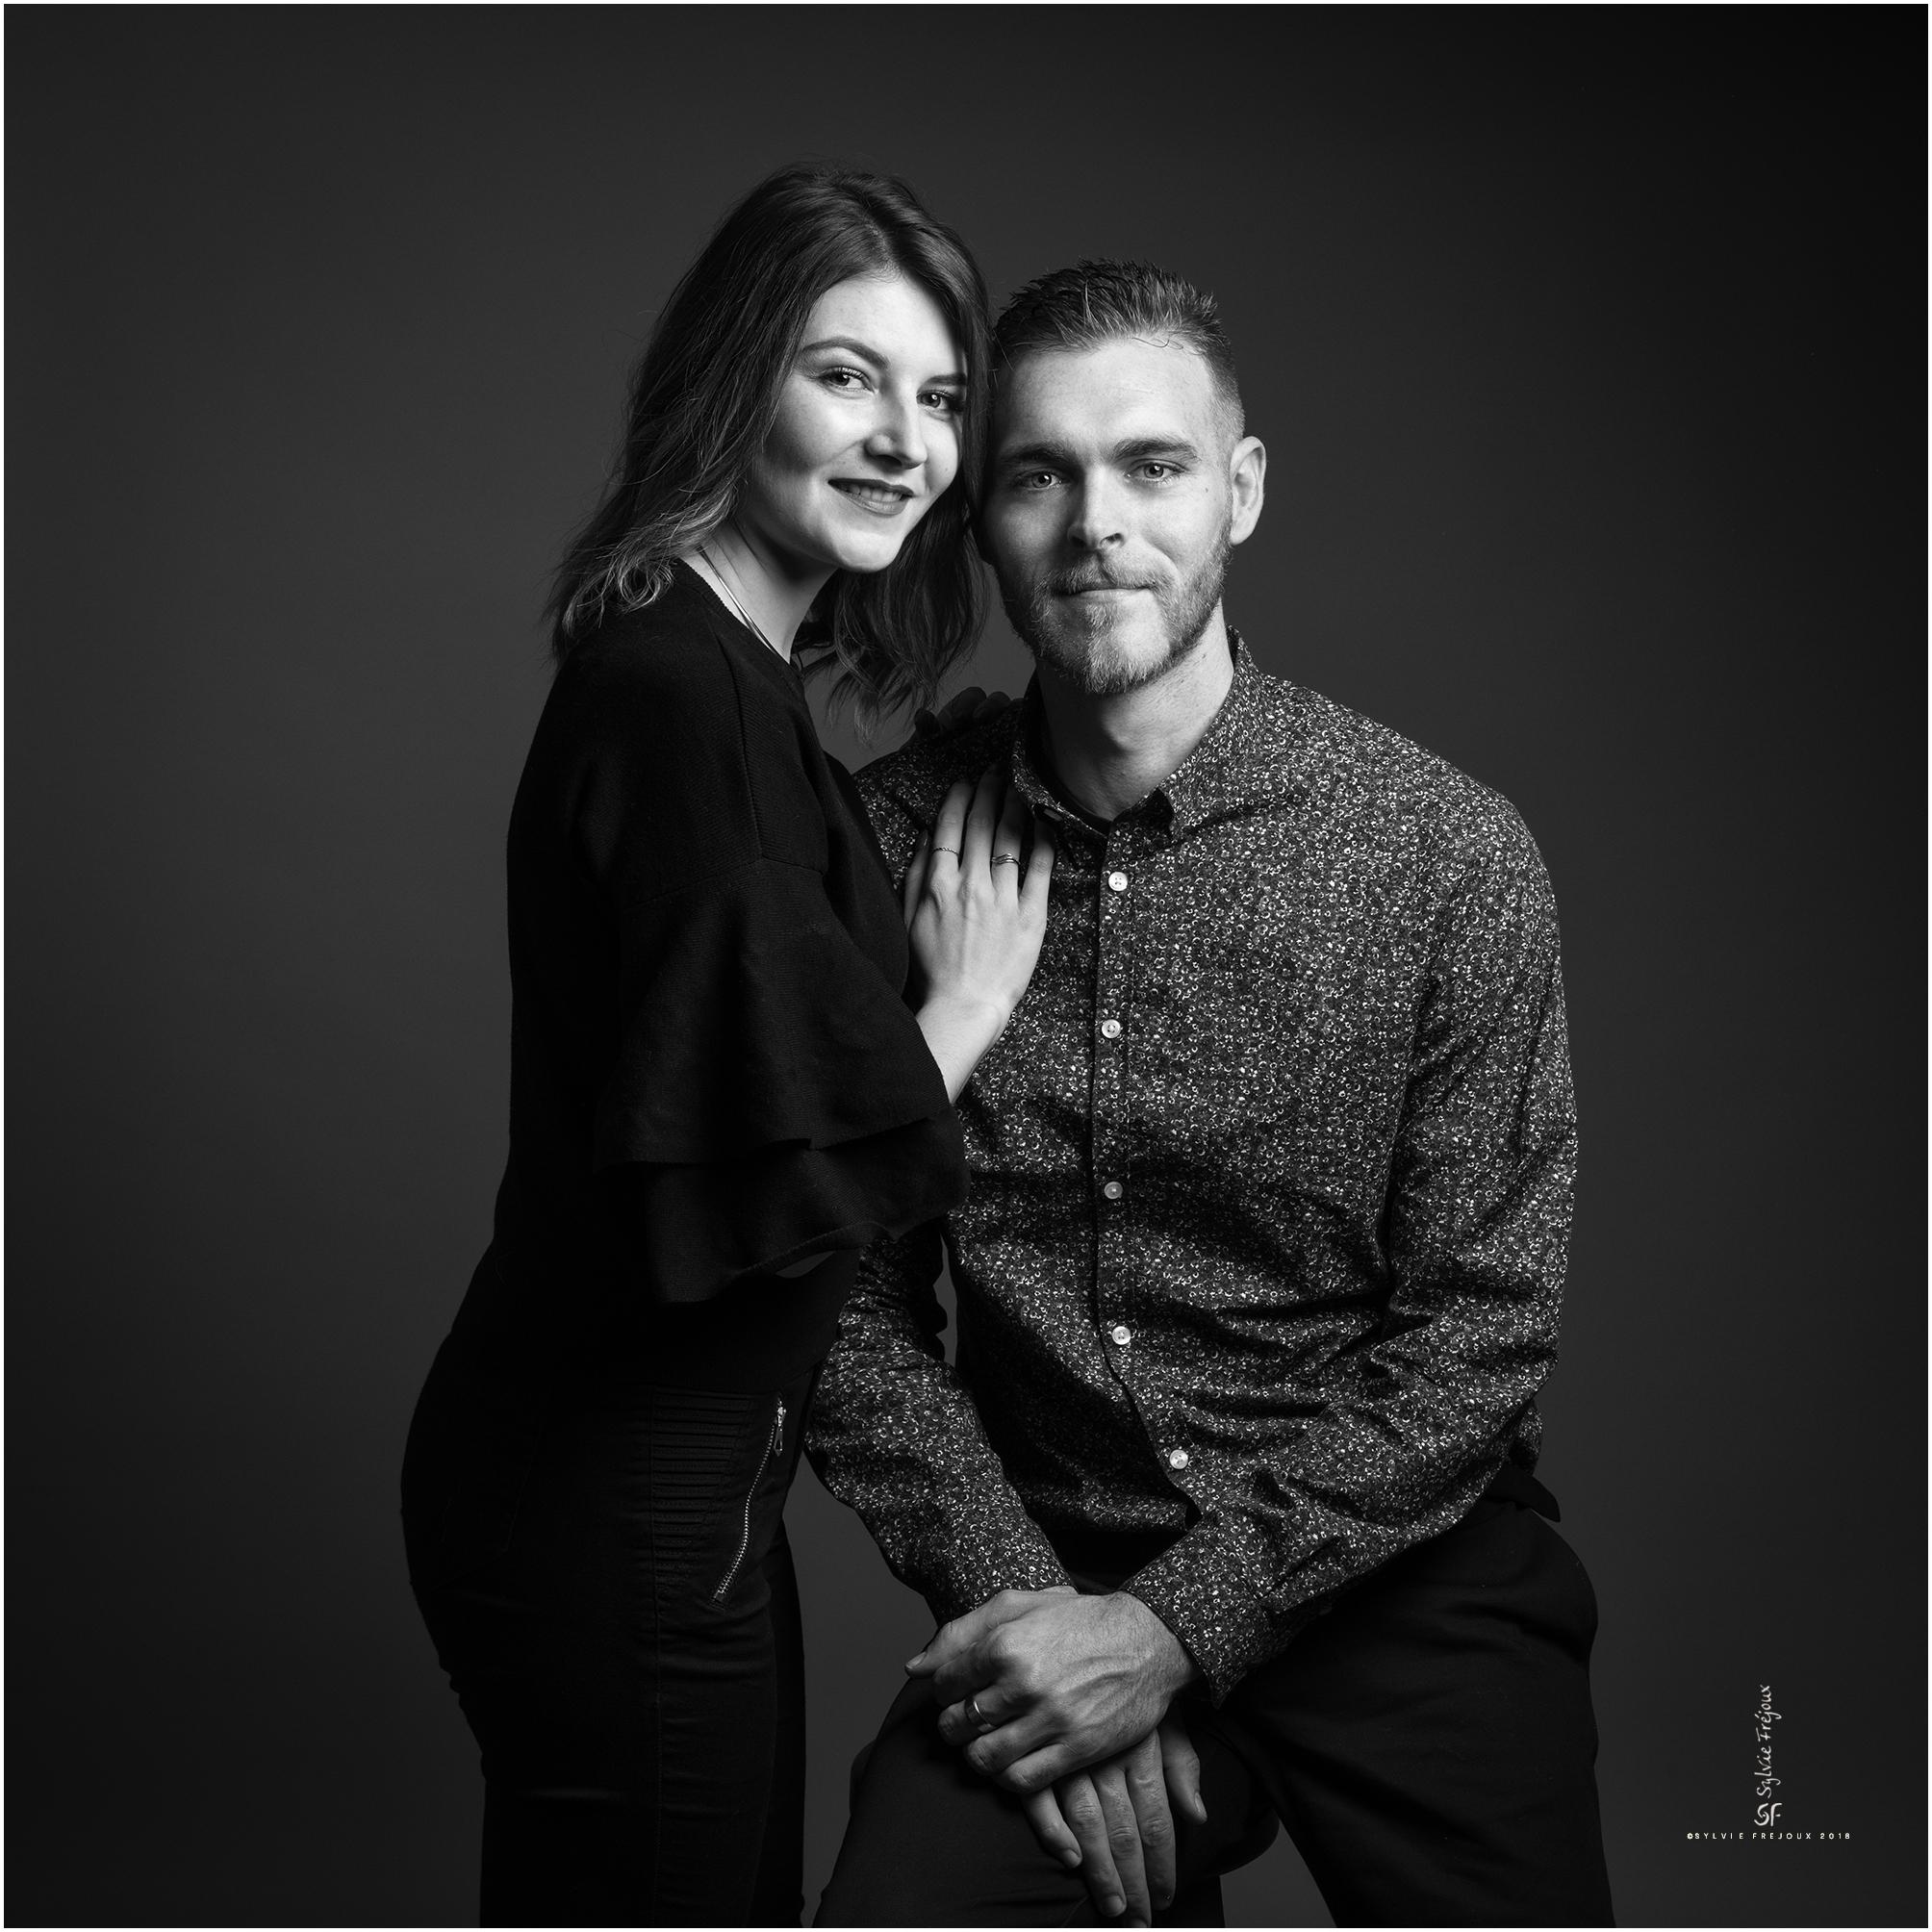 photographe shooting portrait couple et famille à toulon